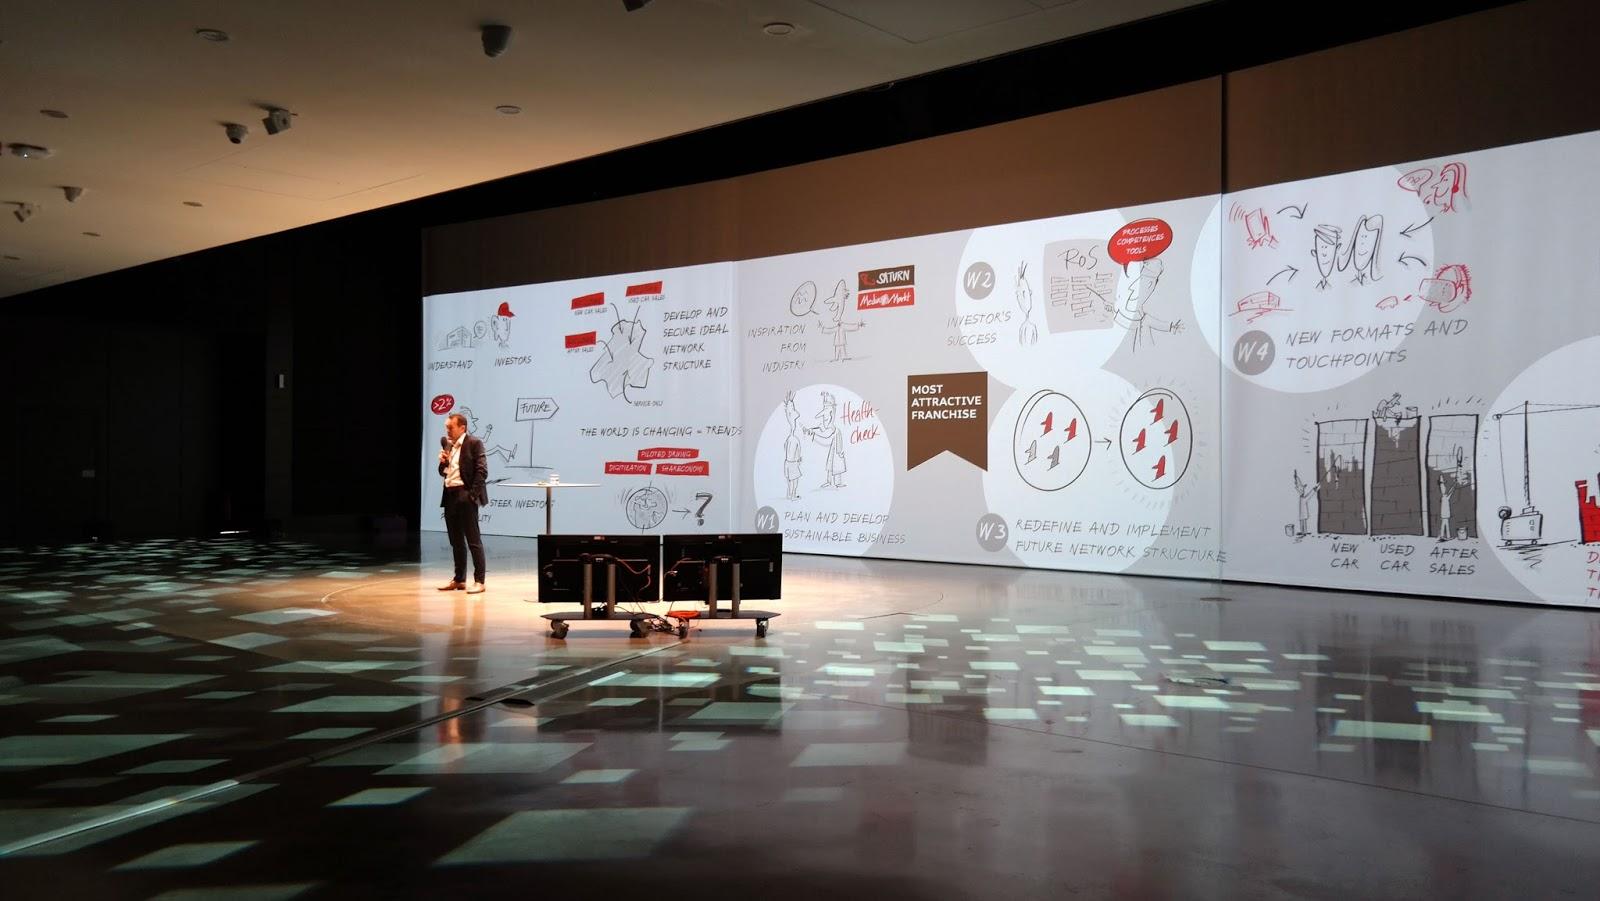 Visuelle Ausgestaltung einer Konferenz in München oder die Kraft der Illustration